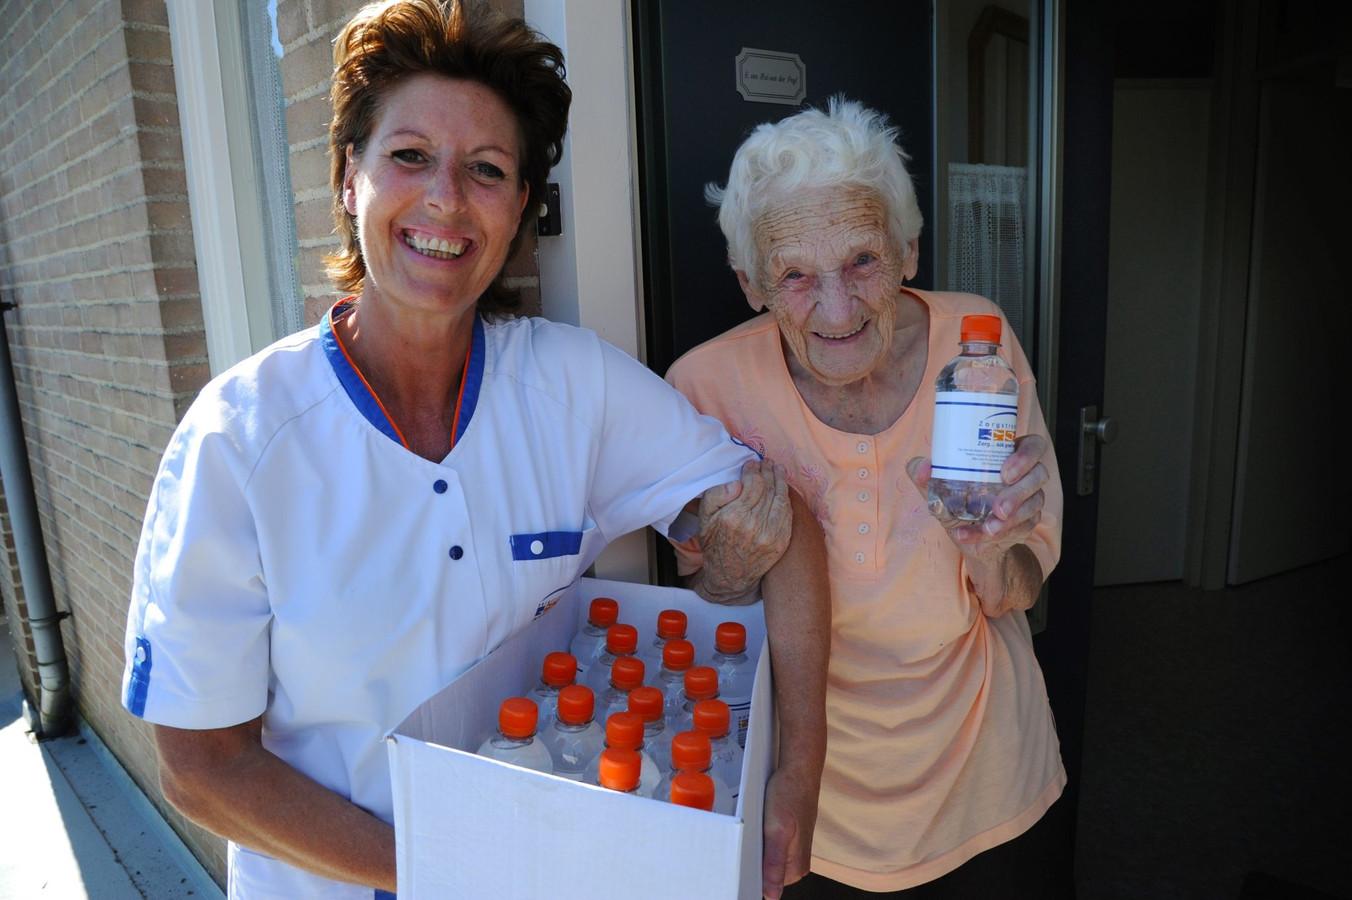 De medewerkers van Zorgstroom delen tijdens de warme dagen extra flesjes water uit aan de ouderen; ''Er wordt goed voor ons gezorgd'', vindt mevrouw Van Hal.